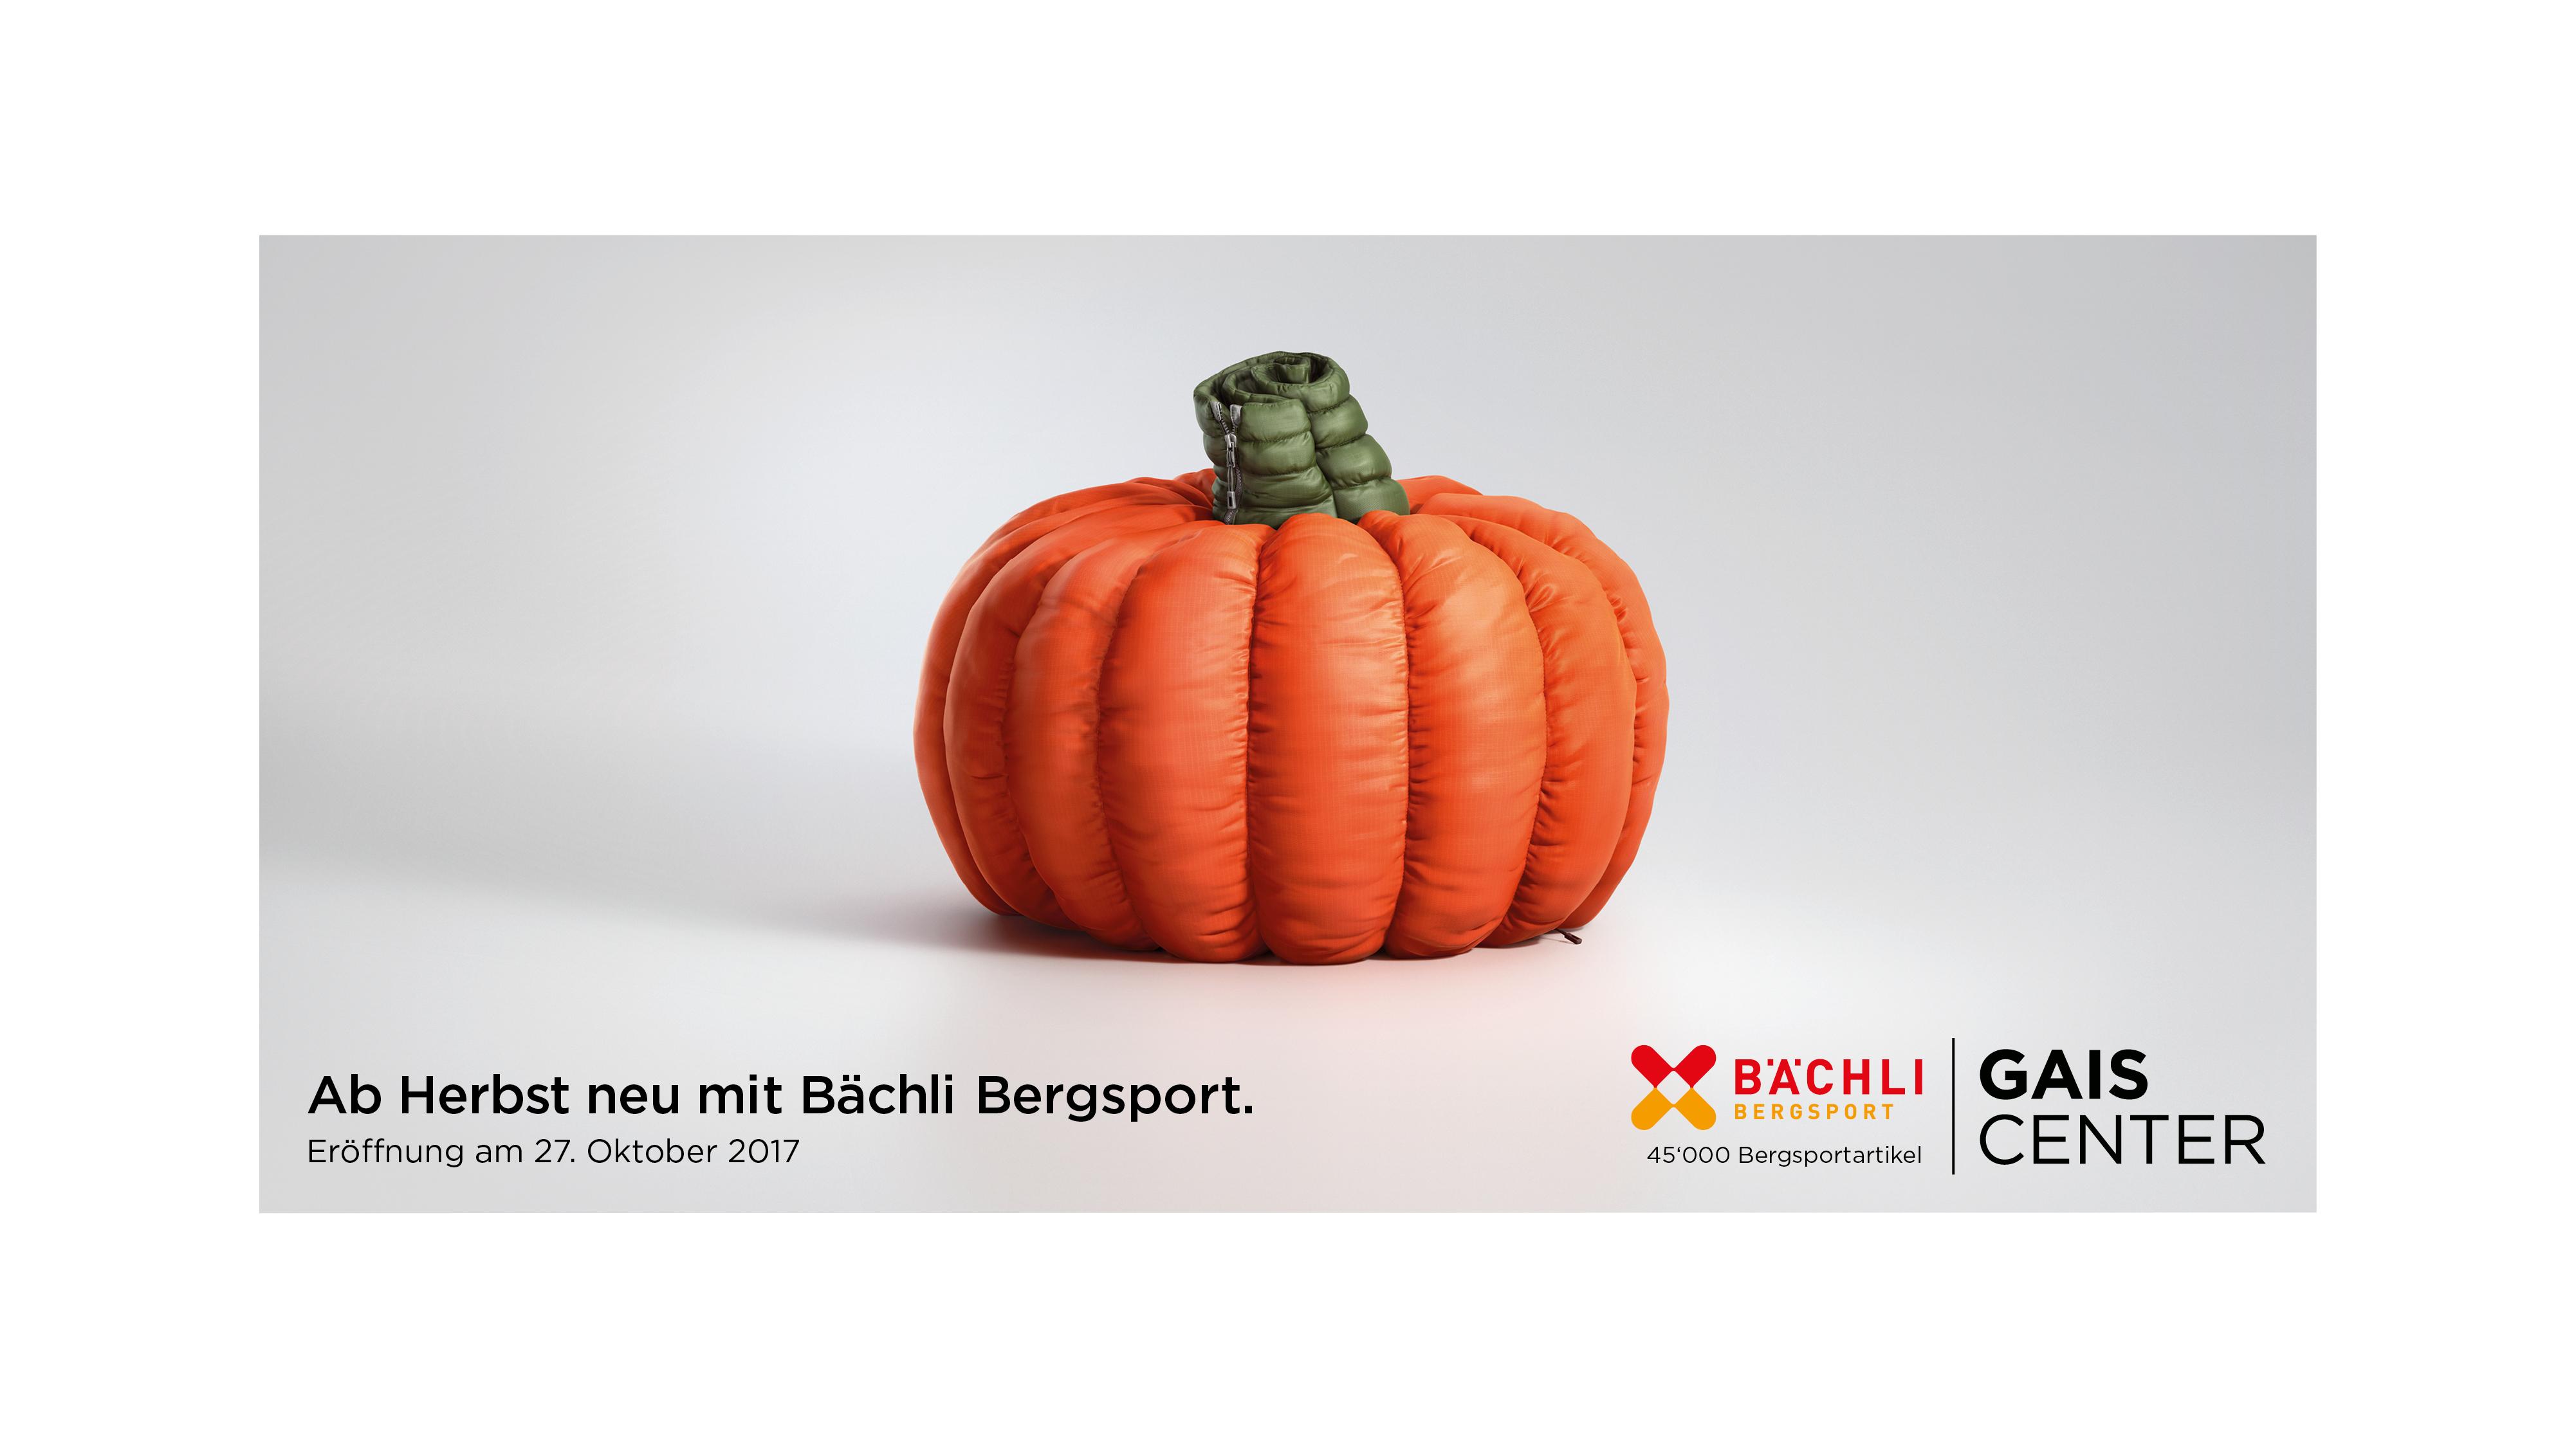 fff9580bb7c787 Thjnk Zürich  Eine Steppjacke in Kürbis-Form - Werbung